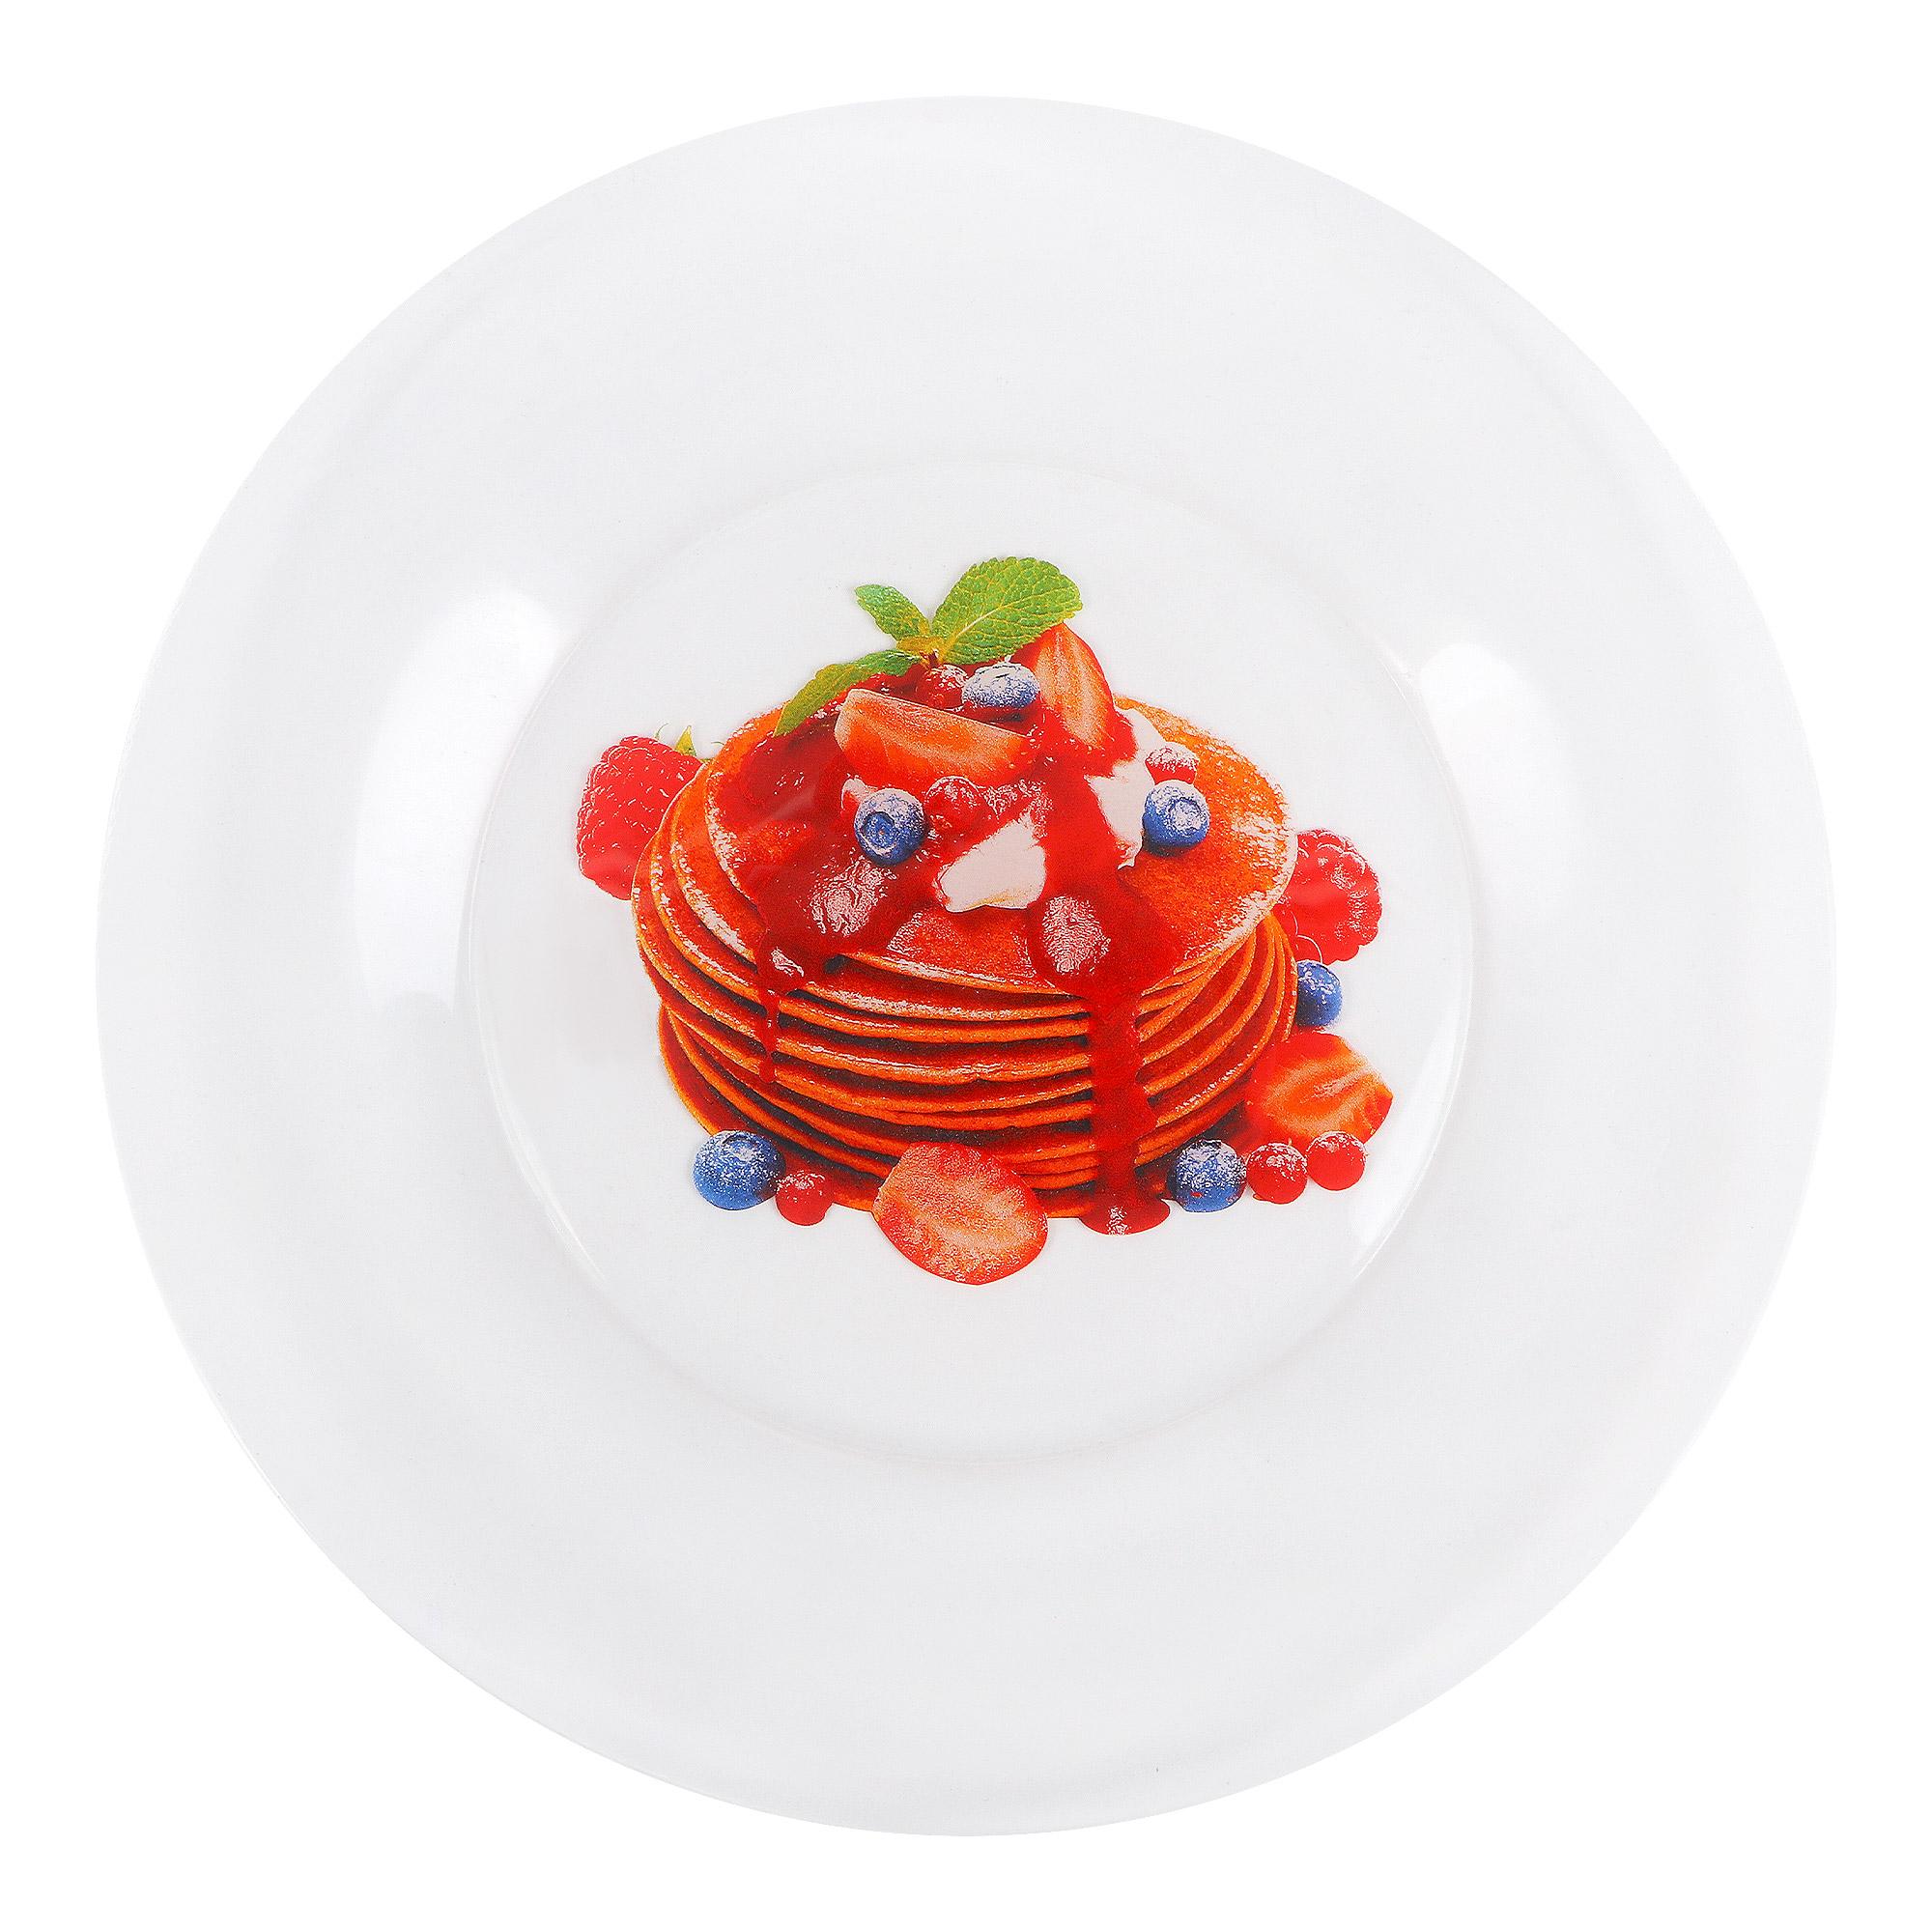 Тарелка обеденная ОСЗ Масленица 25 см фото